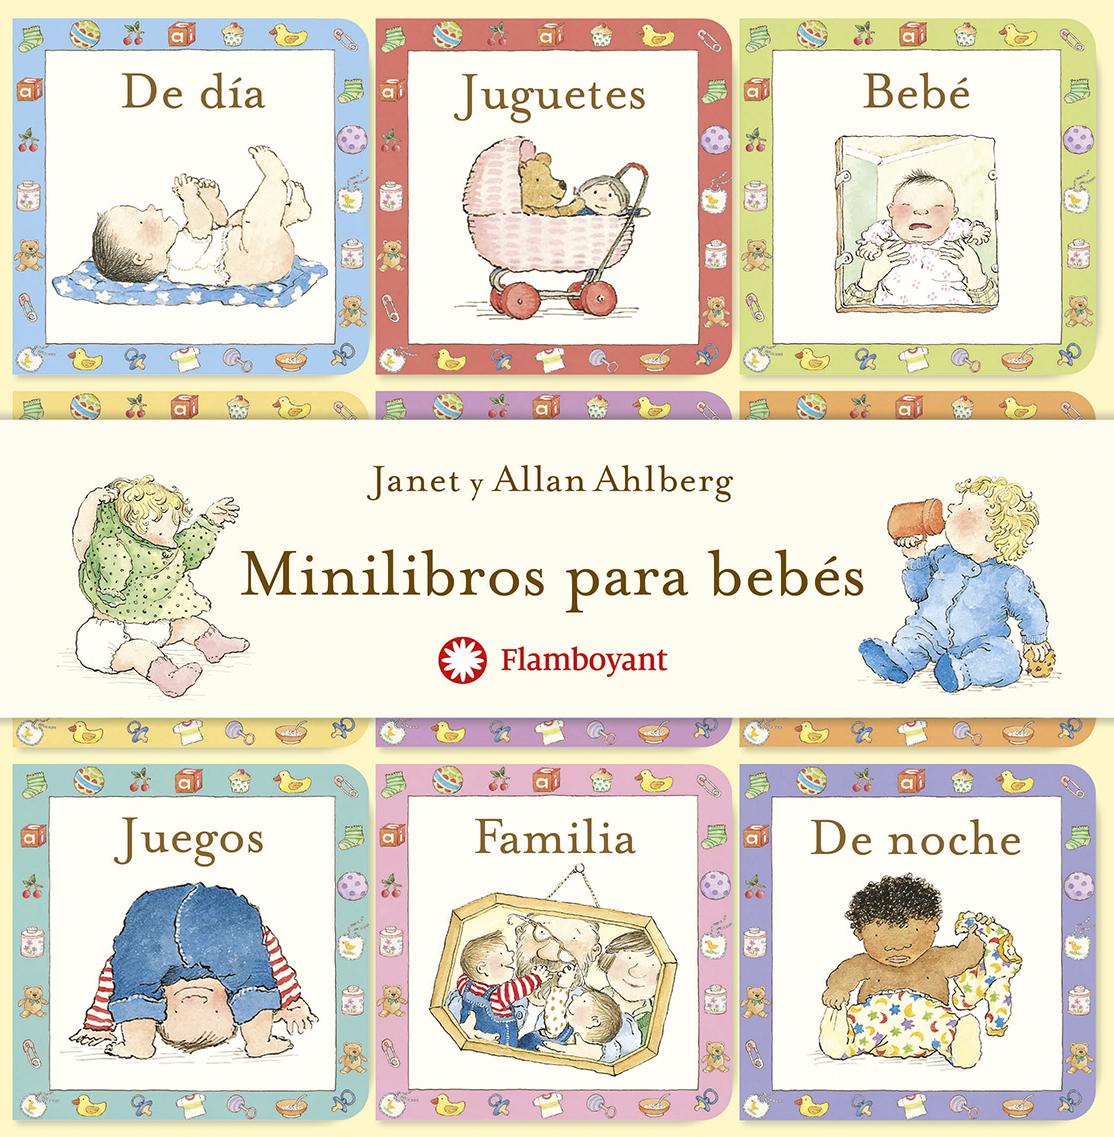 Resultado de imagen de minilibros para bebés